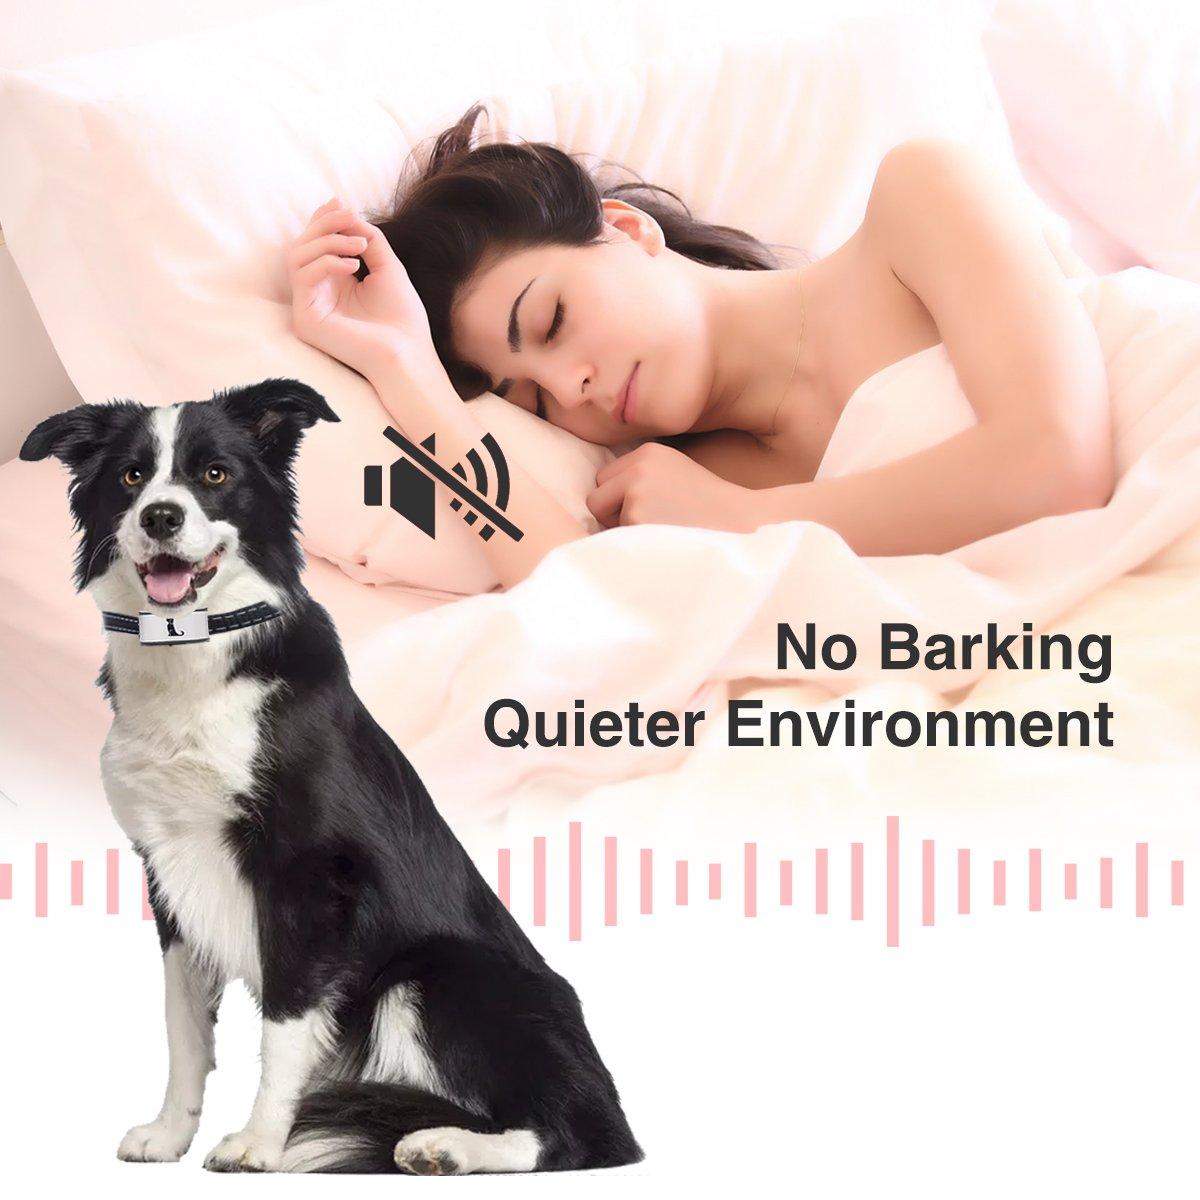 Recargables e Impermeables ACETEND Collar Anti Ladridos,Detenga el ladrido de Perros de una Manera Humana con Sonidos y Vibraciones sin Golpes